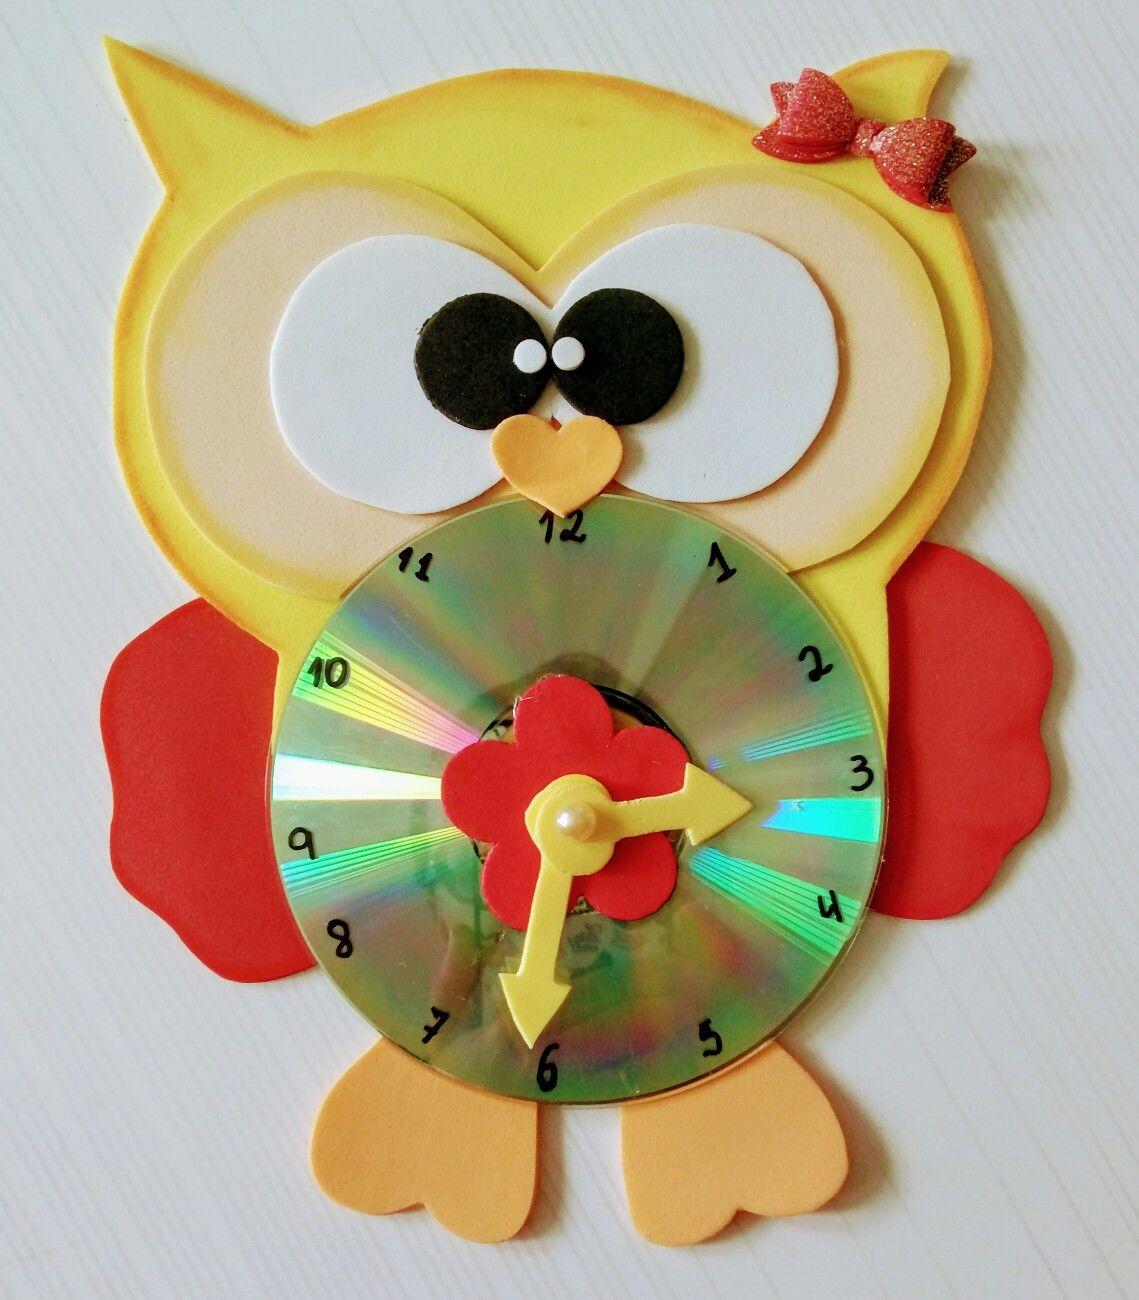 Pin de melina en trabajitos del cole pinterest manualidades con cd y manualidades con cd - Manualidades relojes infantiles ...